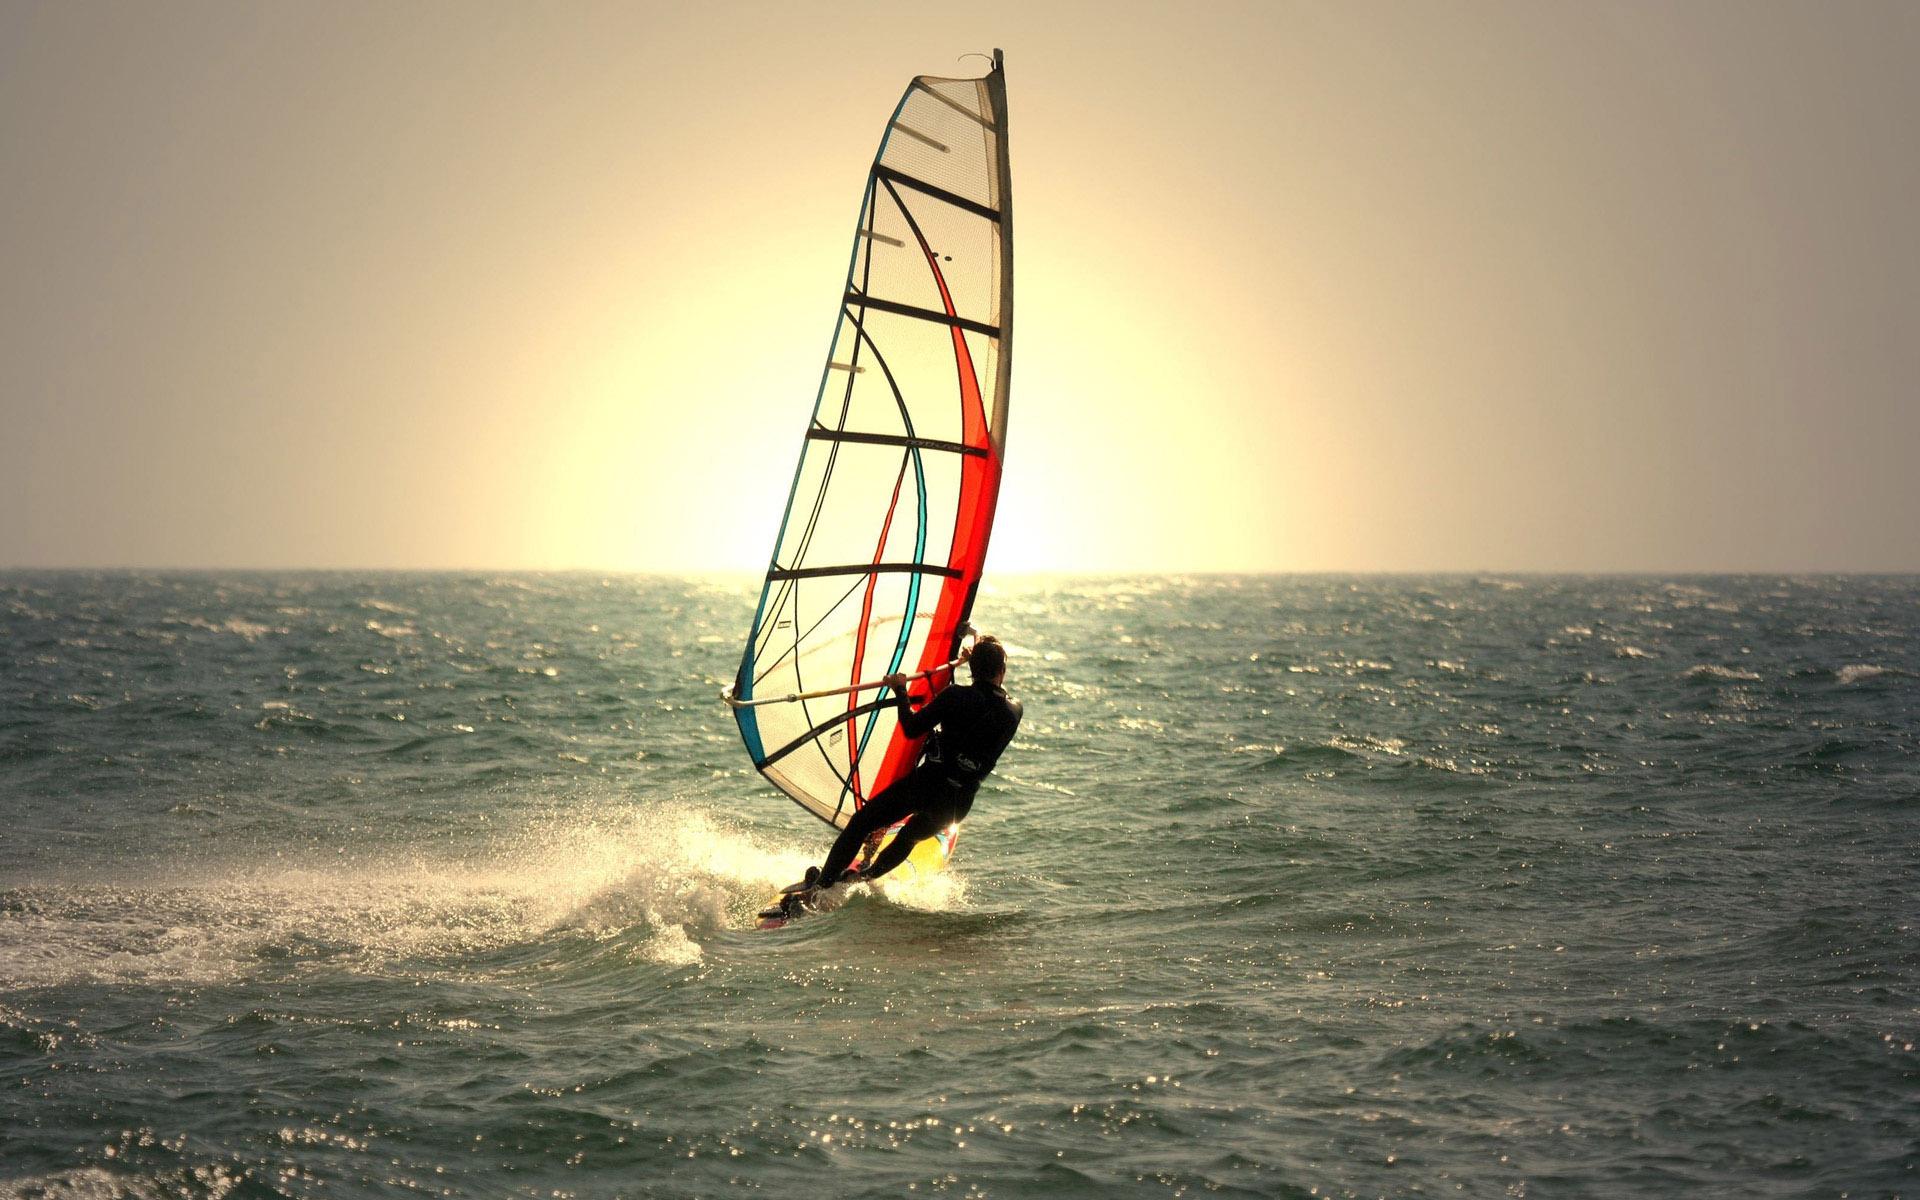 مسابقات قایق بادبانی